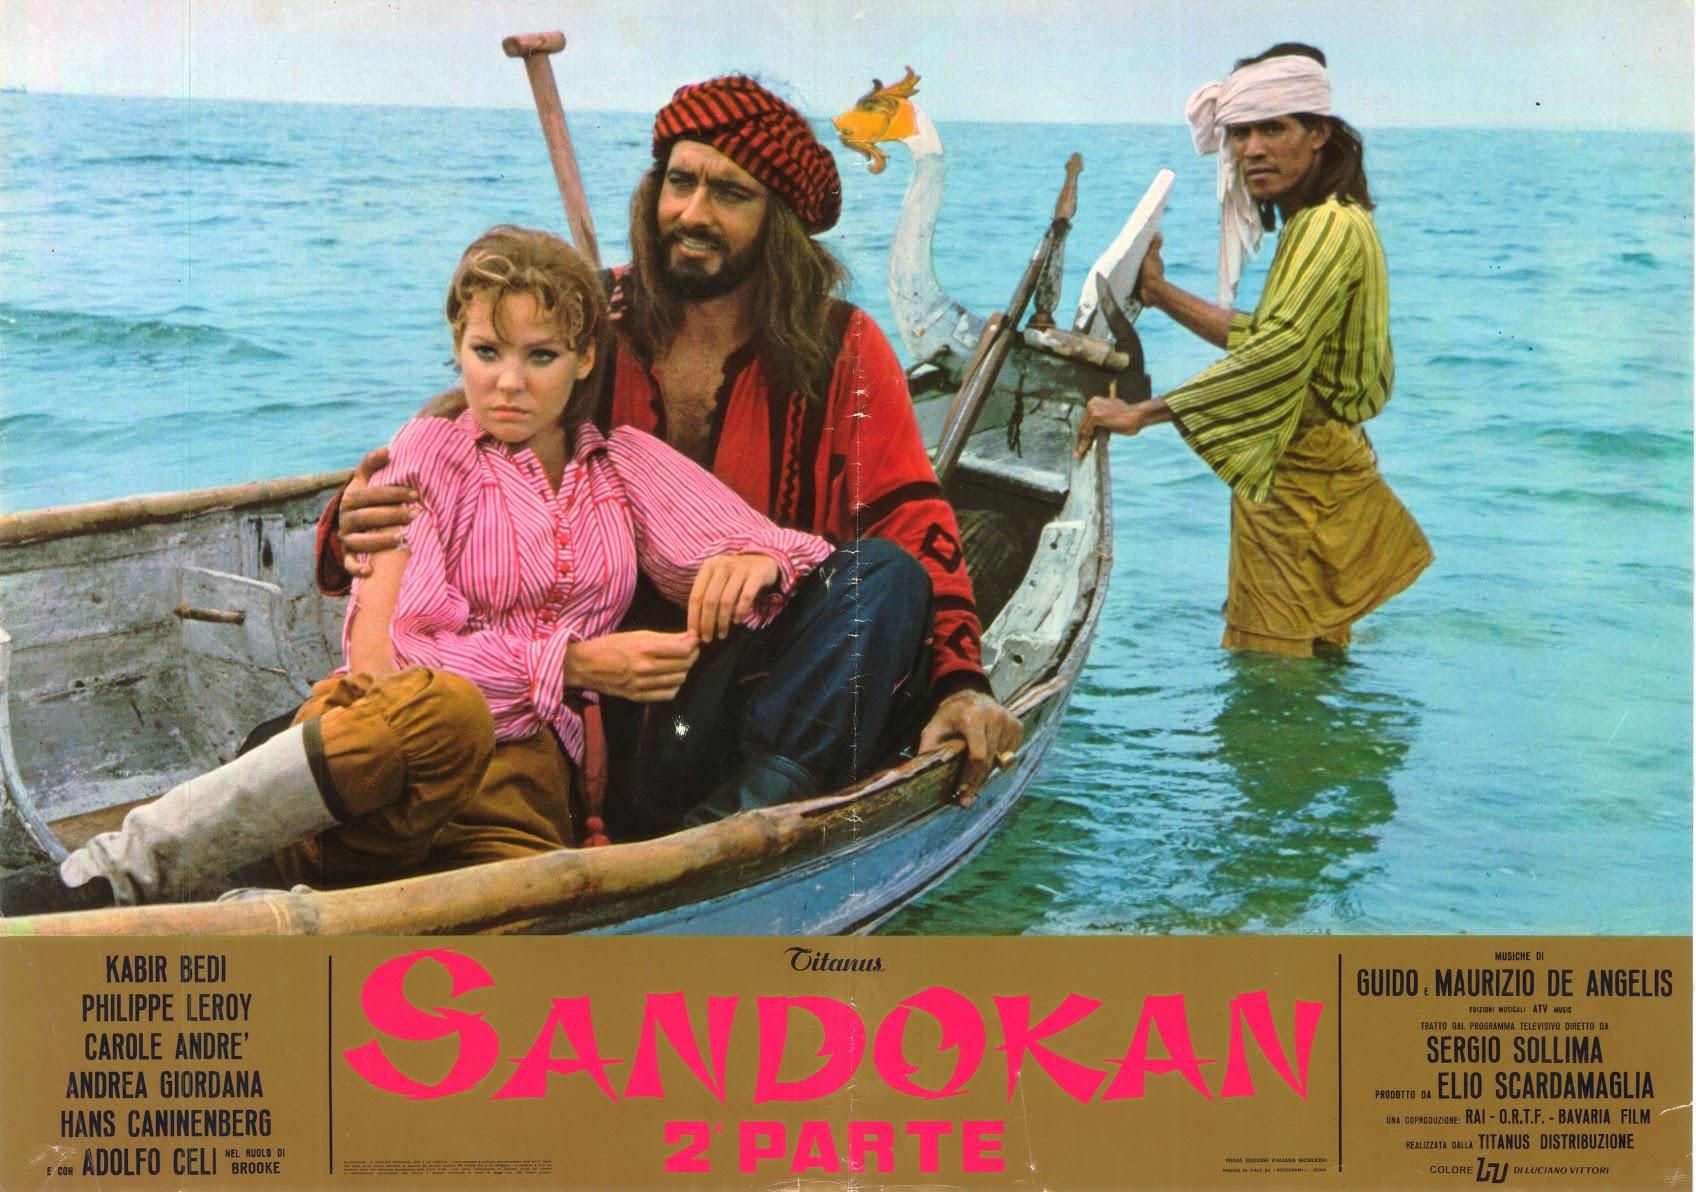 POSTER SANDOKAN & MARIANNA ON BOAT